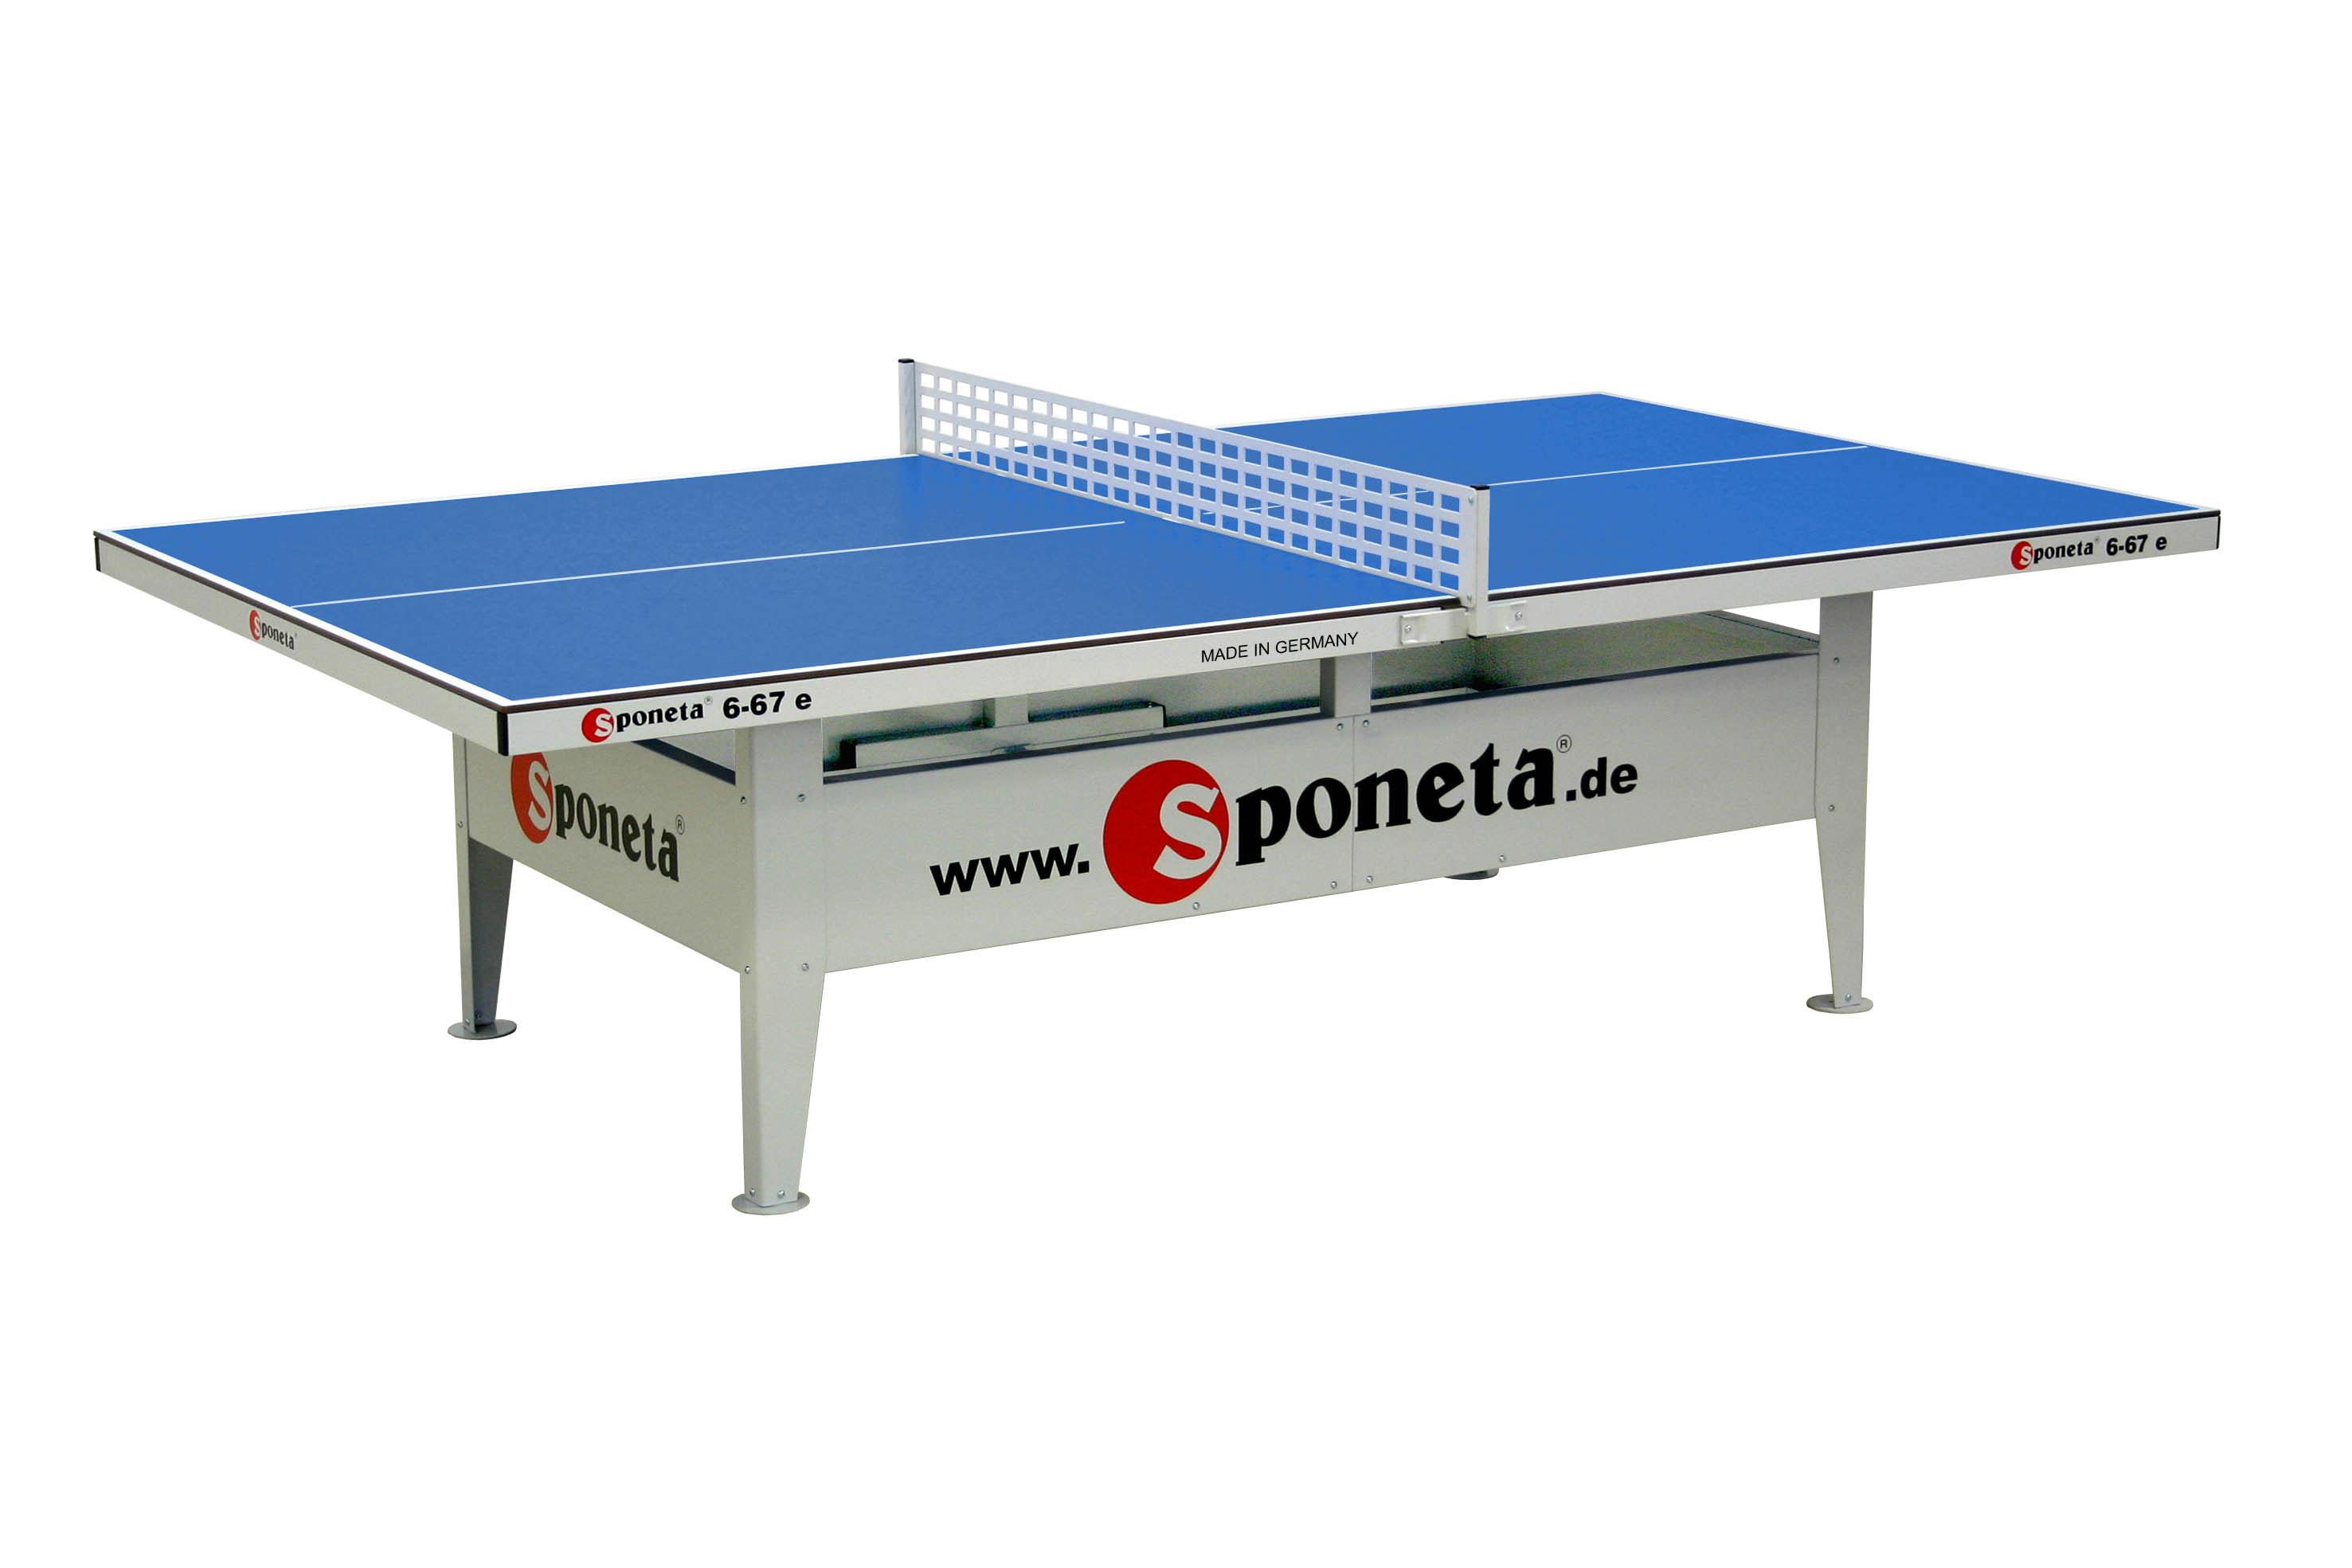 """Sponeta Outdoor-Tischtennisplatte """"S 6-67 e Activeline"""" 239.7419"""